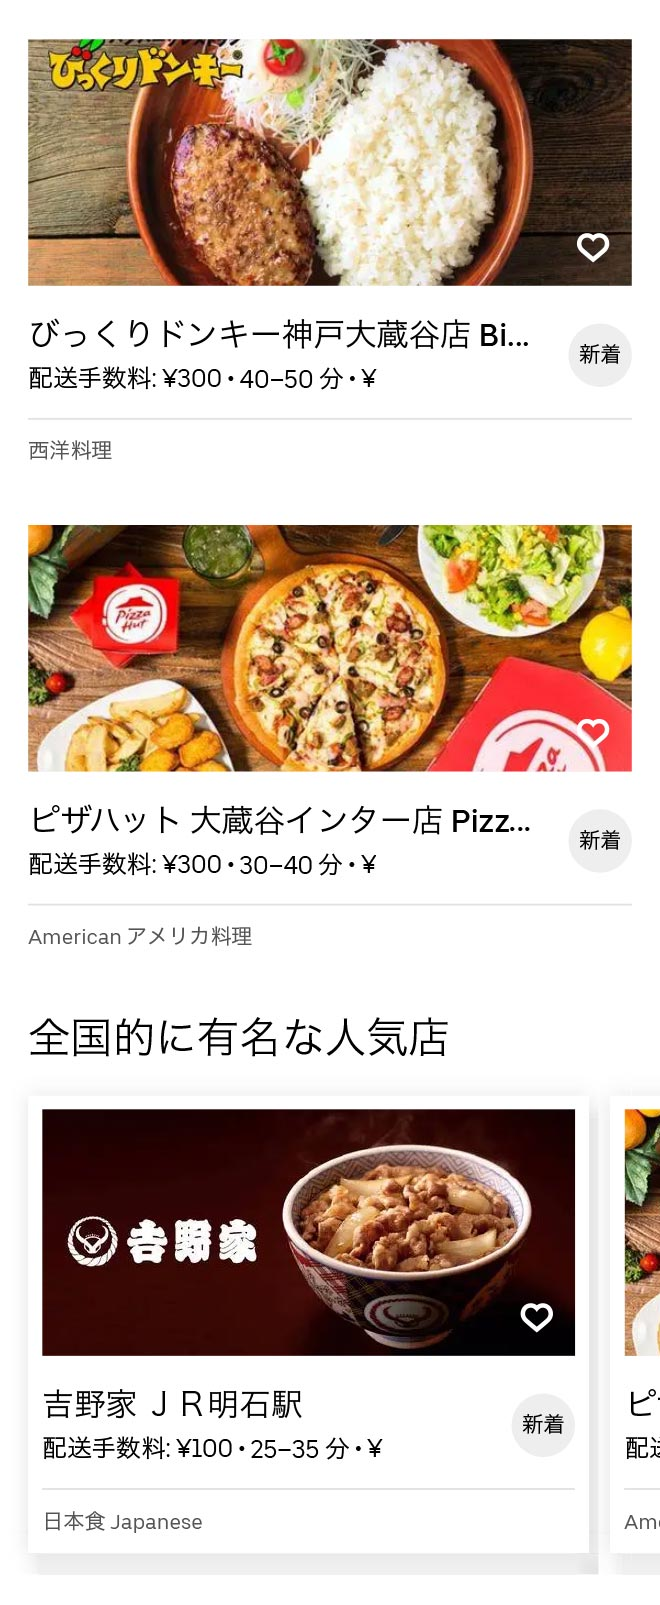 Sanyo akashi menu 2010 07